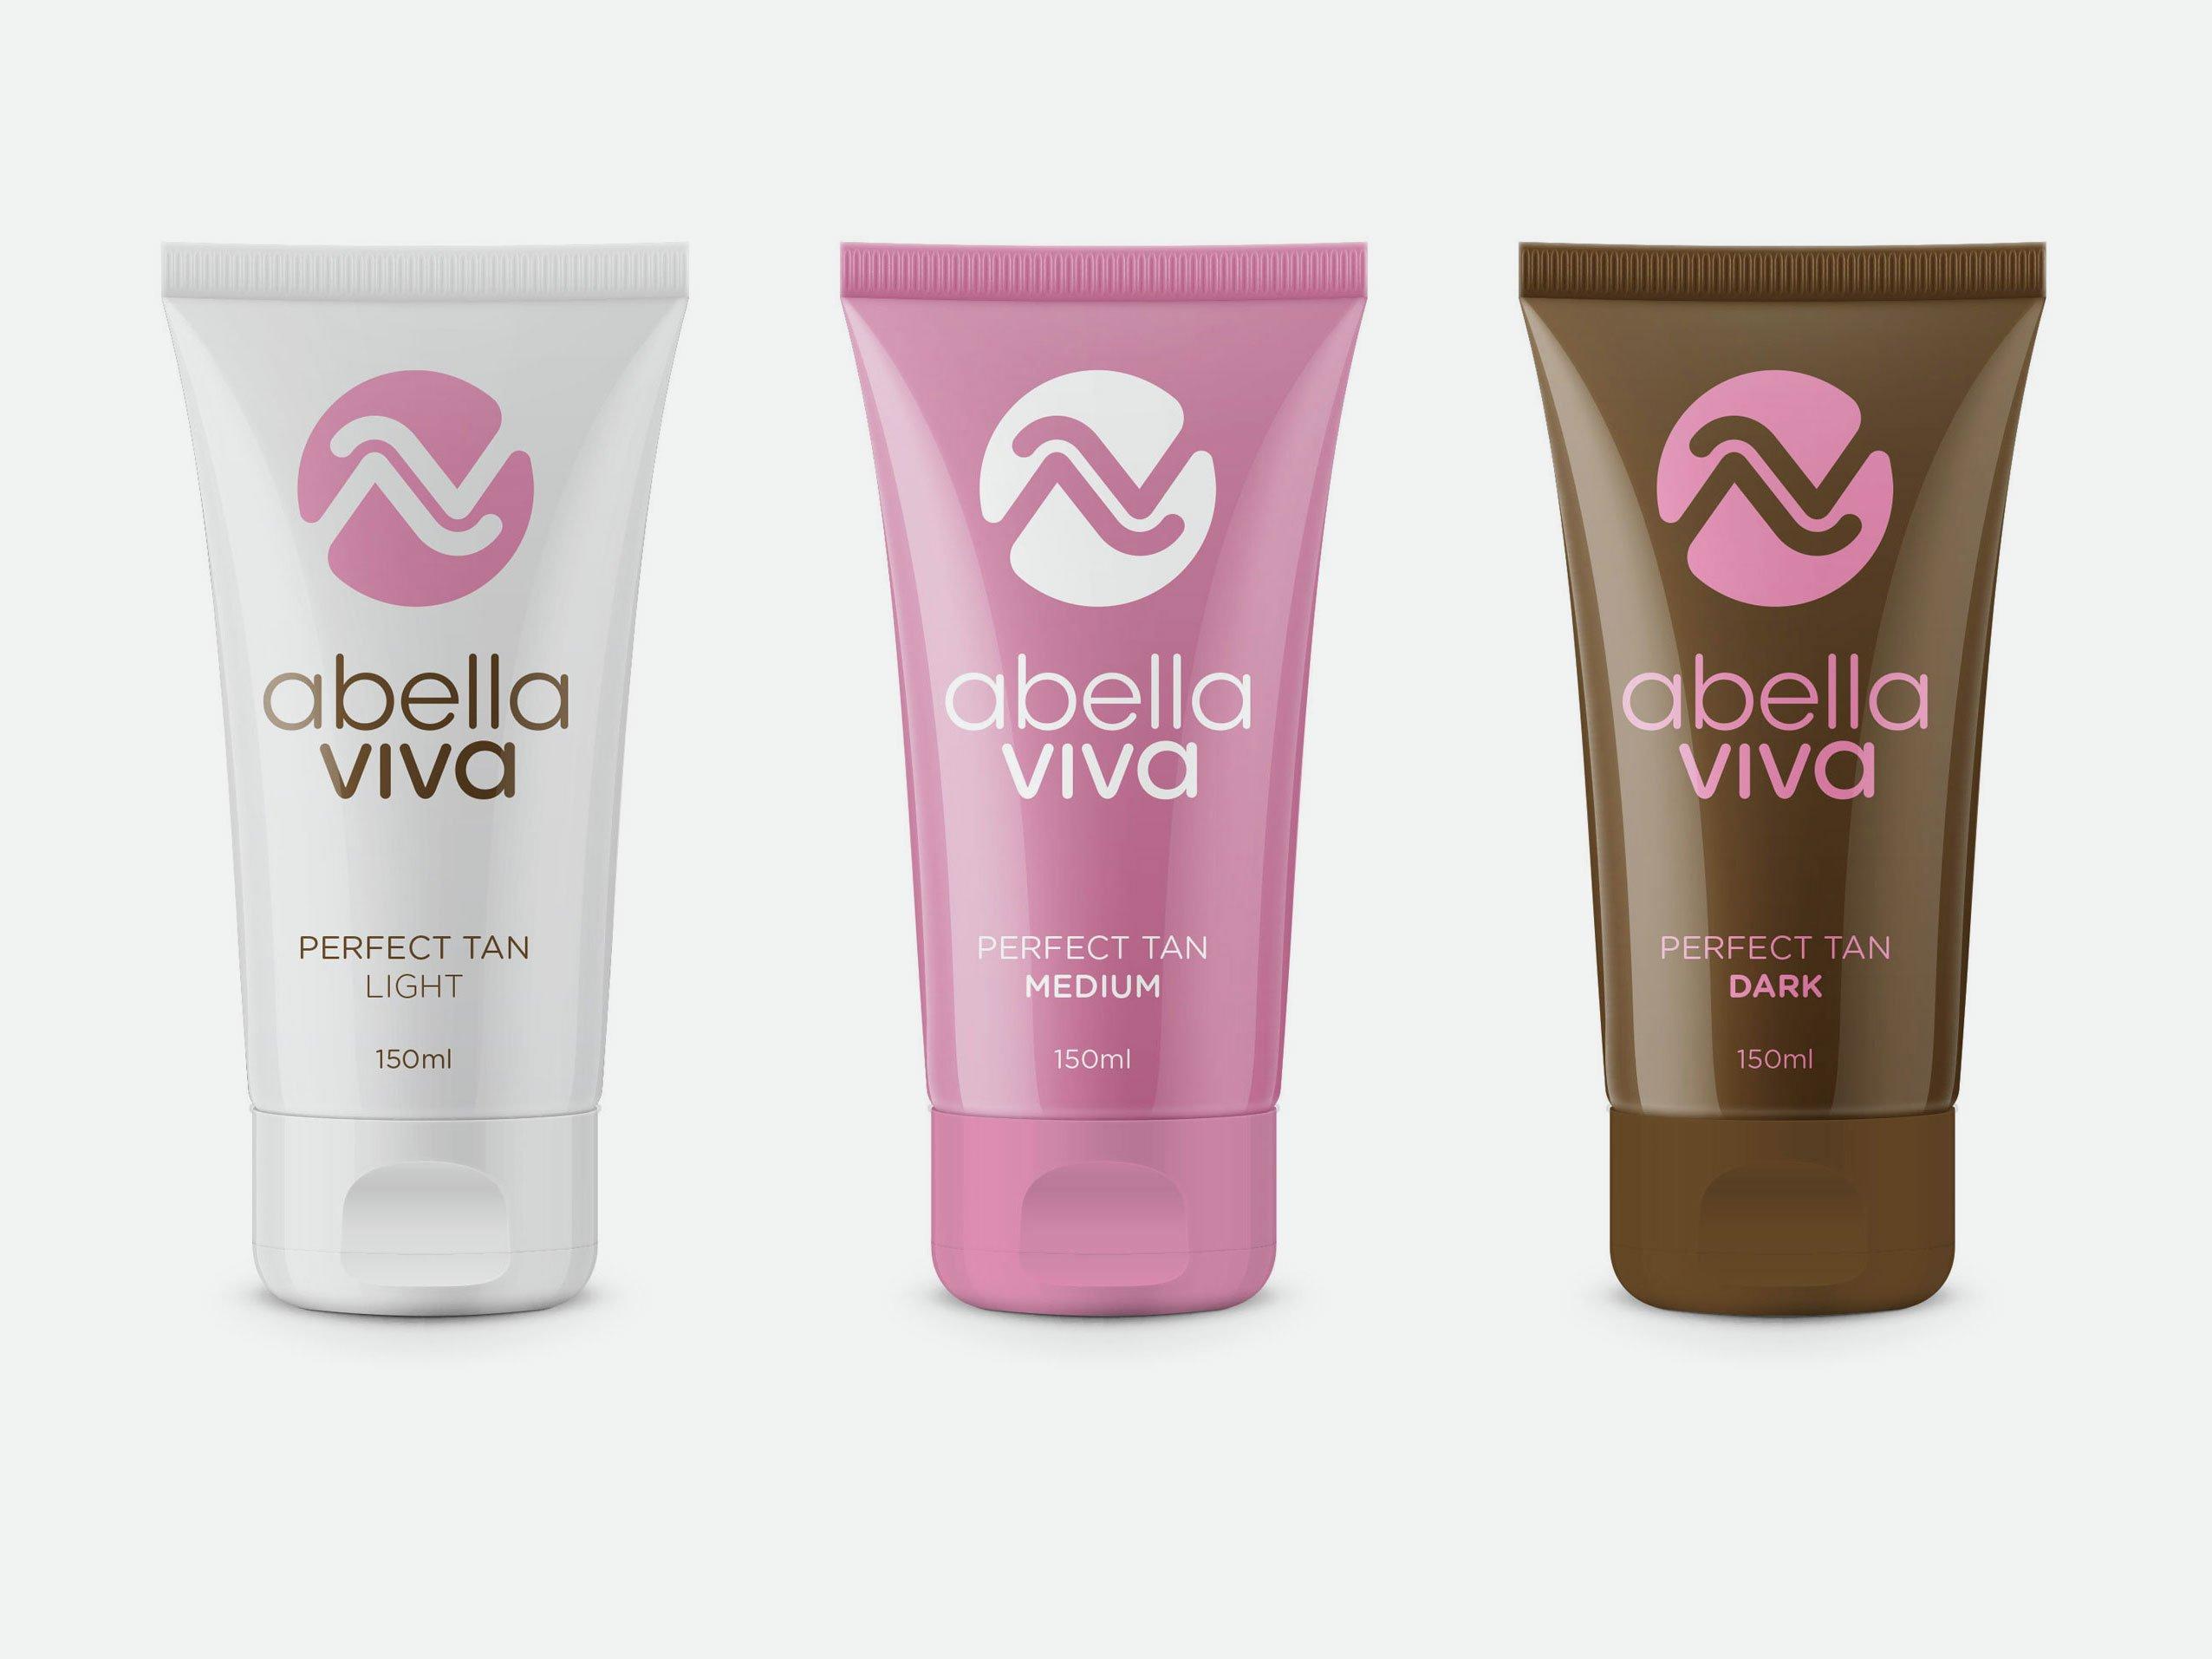 Abella Viva